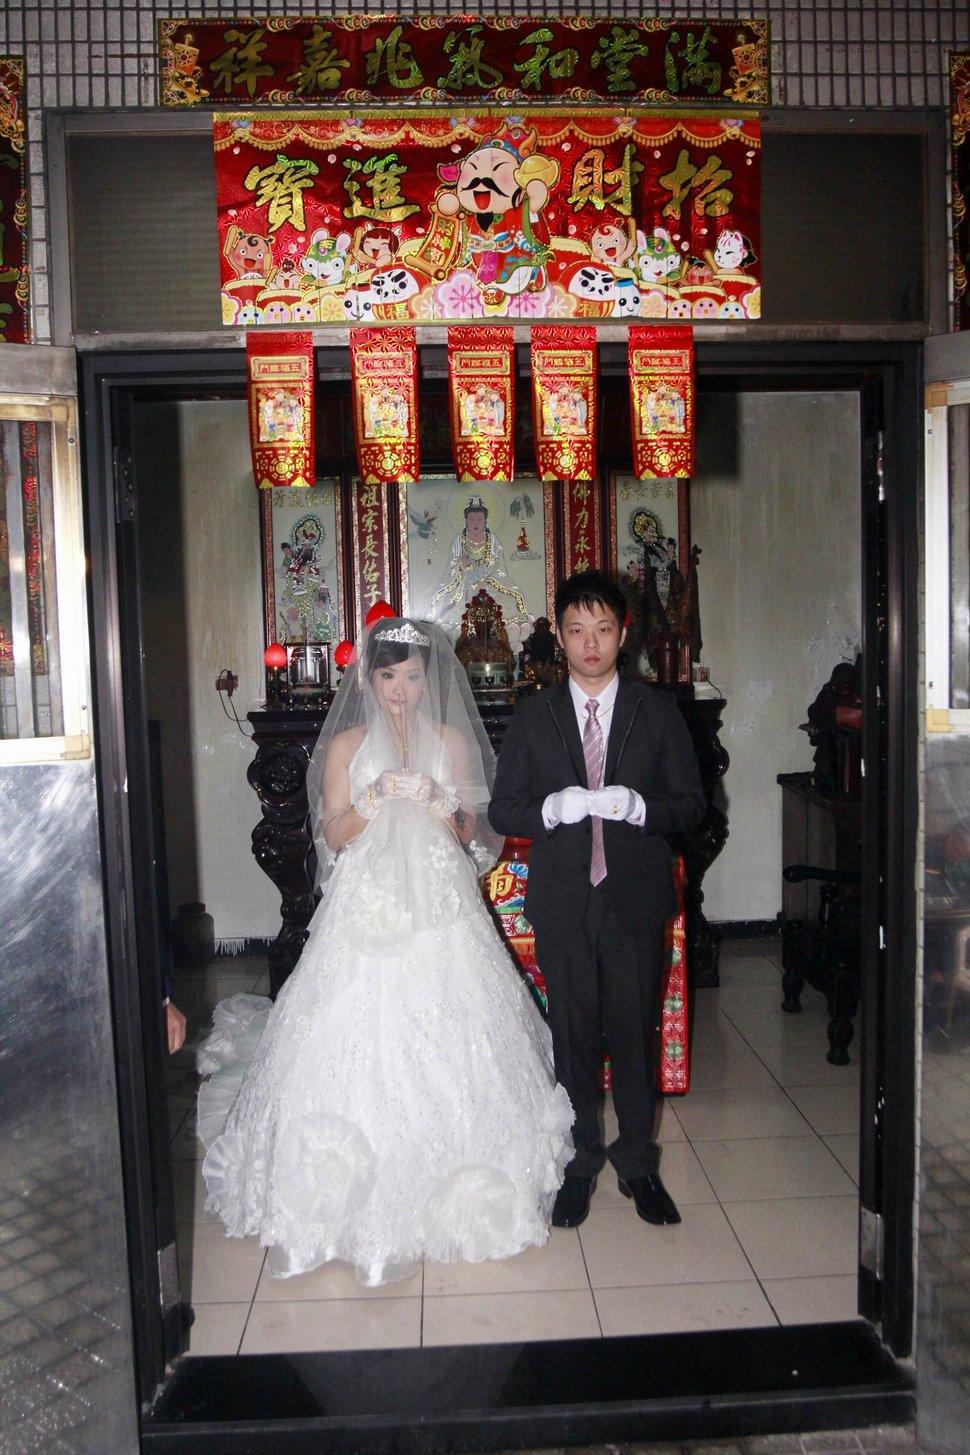 蜜月婚攝新莊美食喜相逢餐廳會館結婚迎娶儀式晚宴婚禮記錄動態微電影錄影專業錄影平面攝影婚攝婚禮主持人(編號:270507) - 蜜月拍照10800錄影12800攝影團隊 - 結婚吧